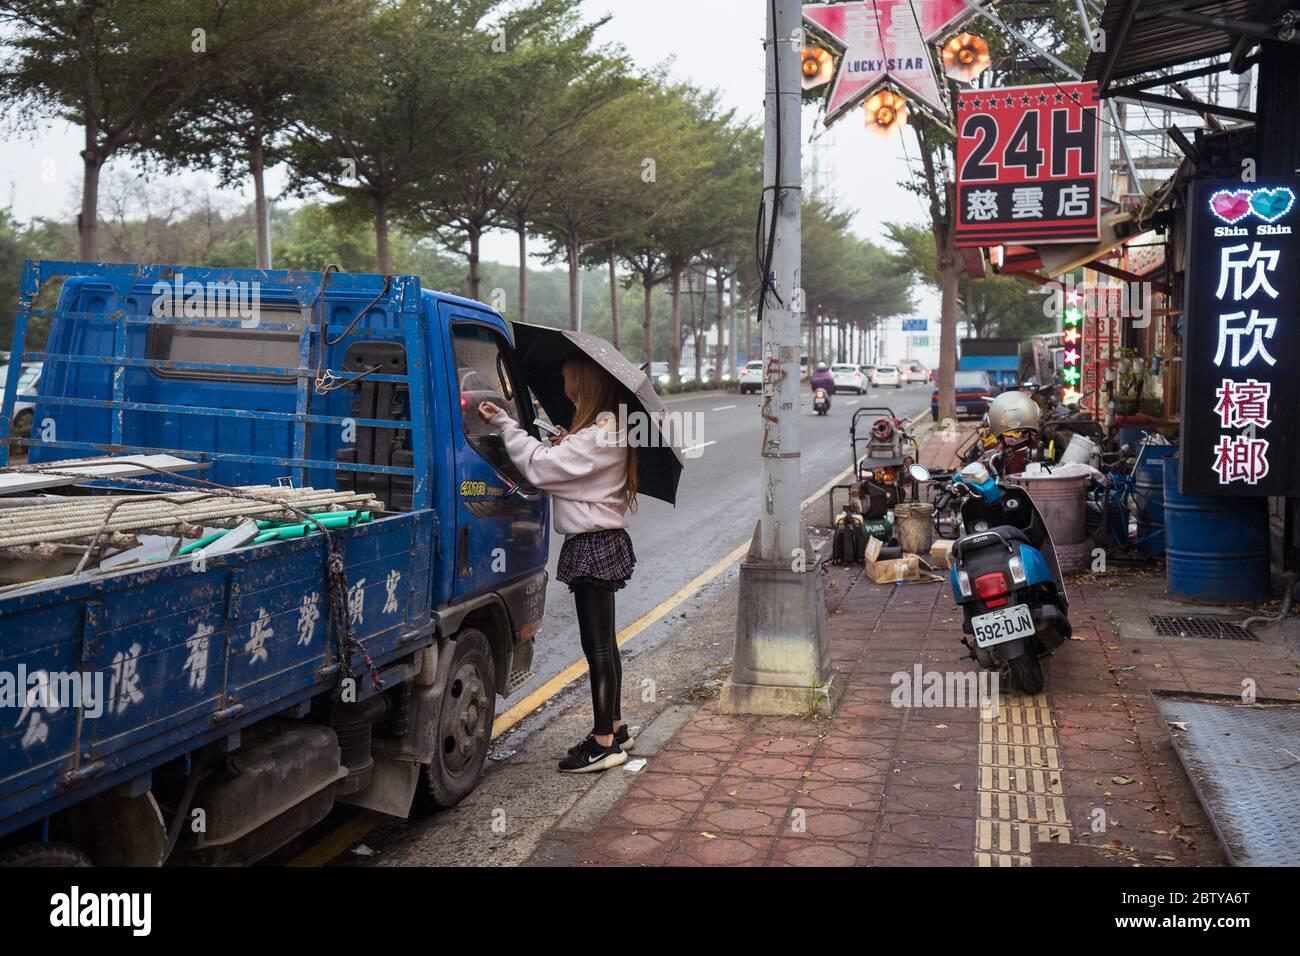 Hsinchu / Taiwan - 15 septembre 2019: Magasins vendant des noix de bétel dans les rues d'une ville de Taiwan Banque D'Images